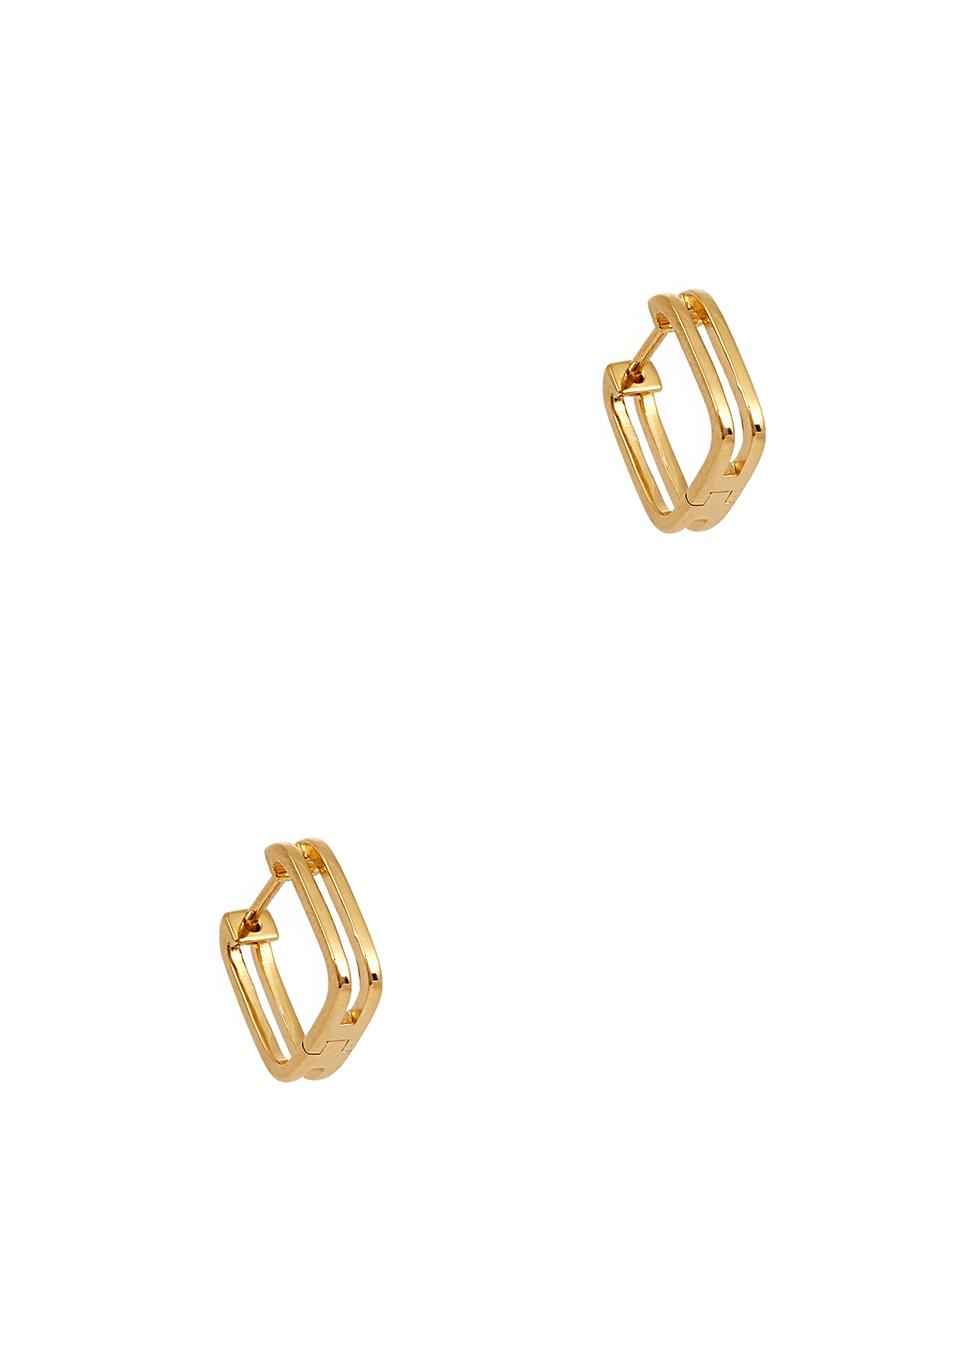 Rupi 18kt gold-plated hoop earrings